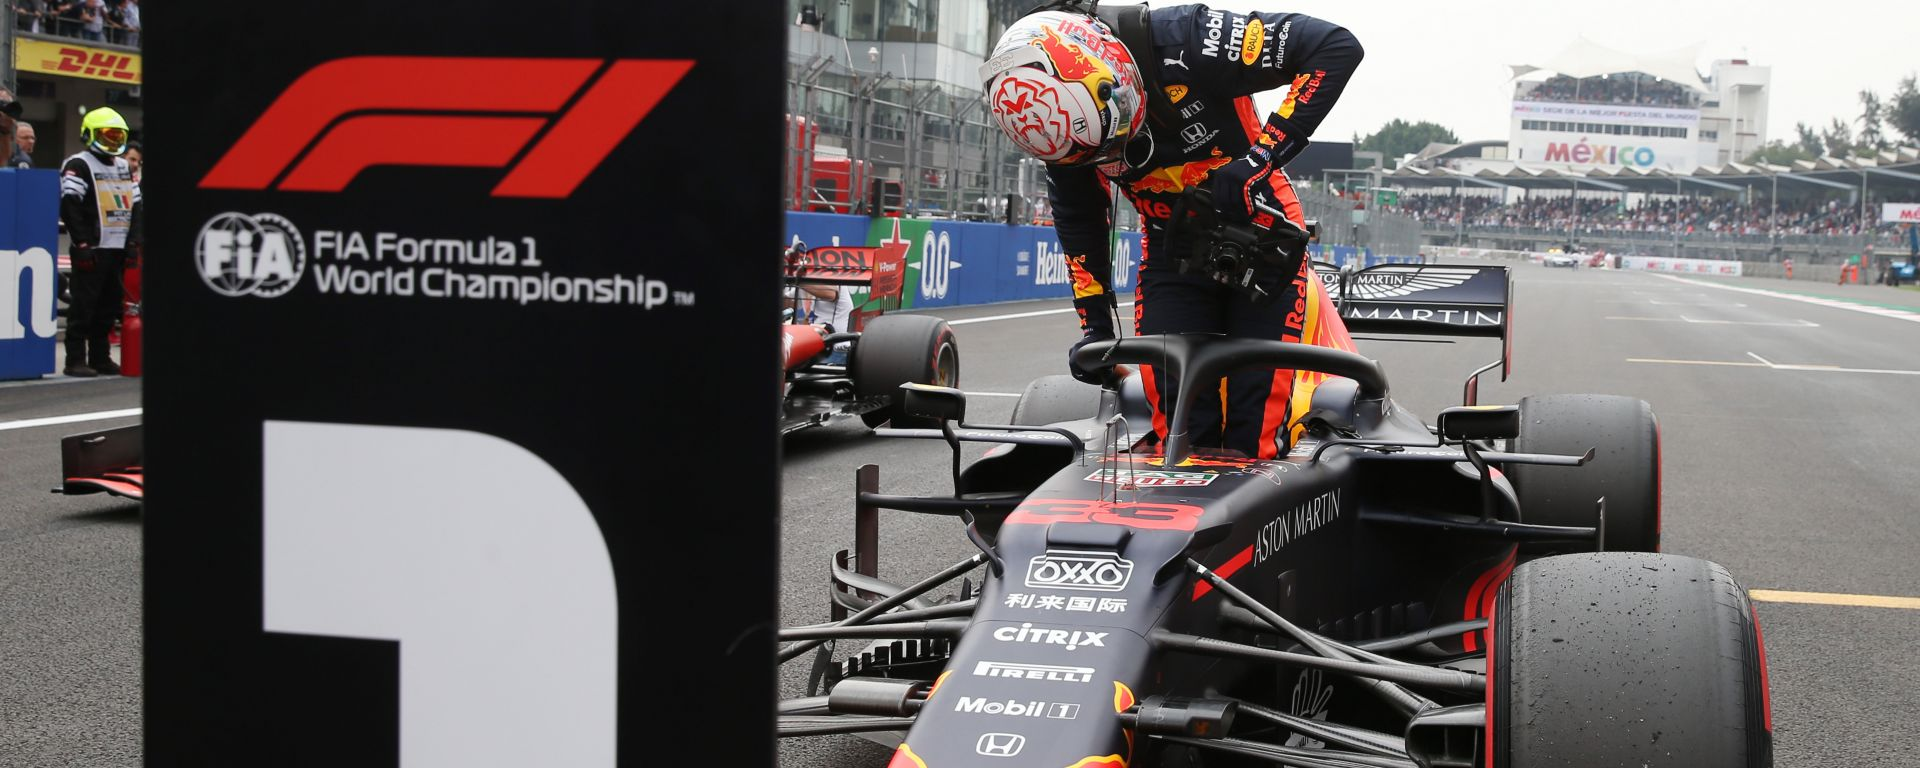 F1, GP Messico 2019: Max Verstappen festeggia la pole position